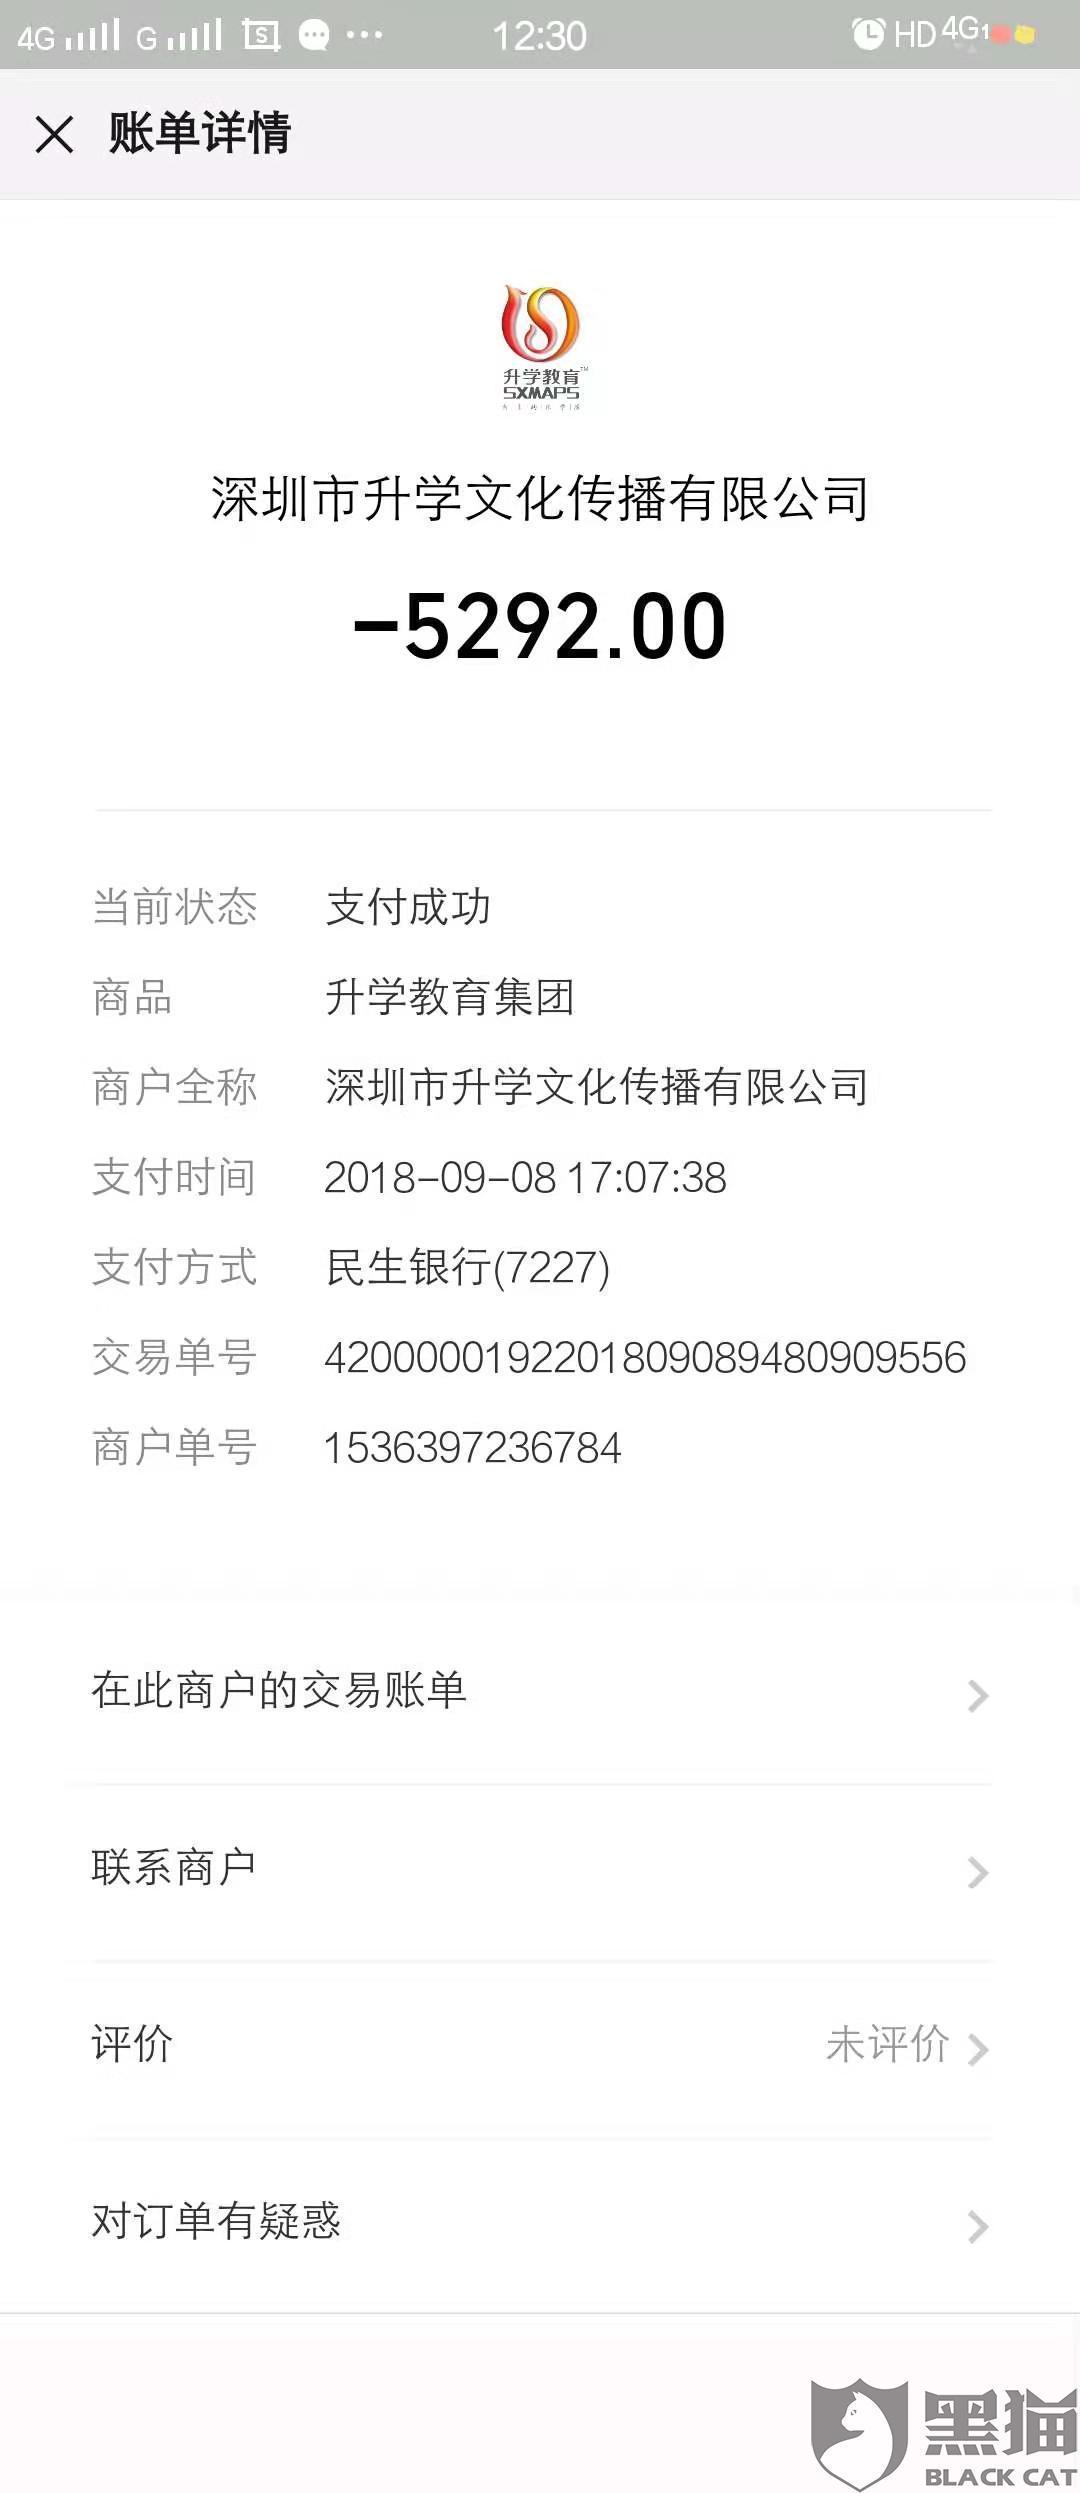 黑猫投诉:深圳市升学教育有限公司退款问题